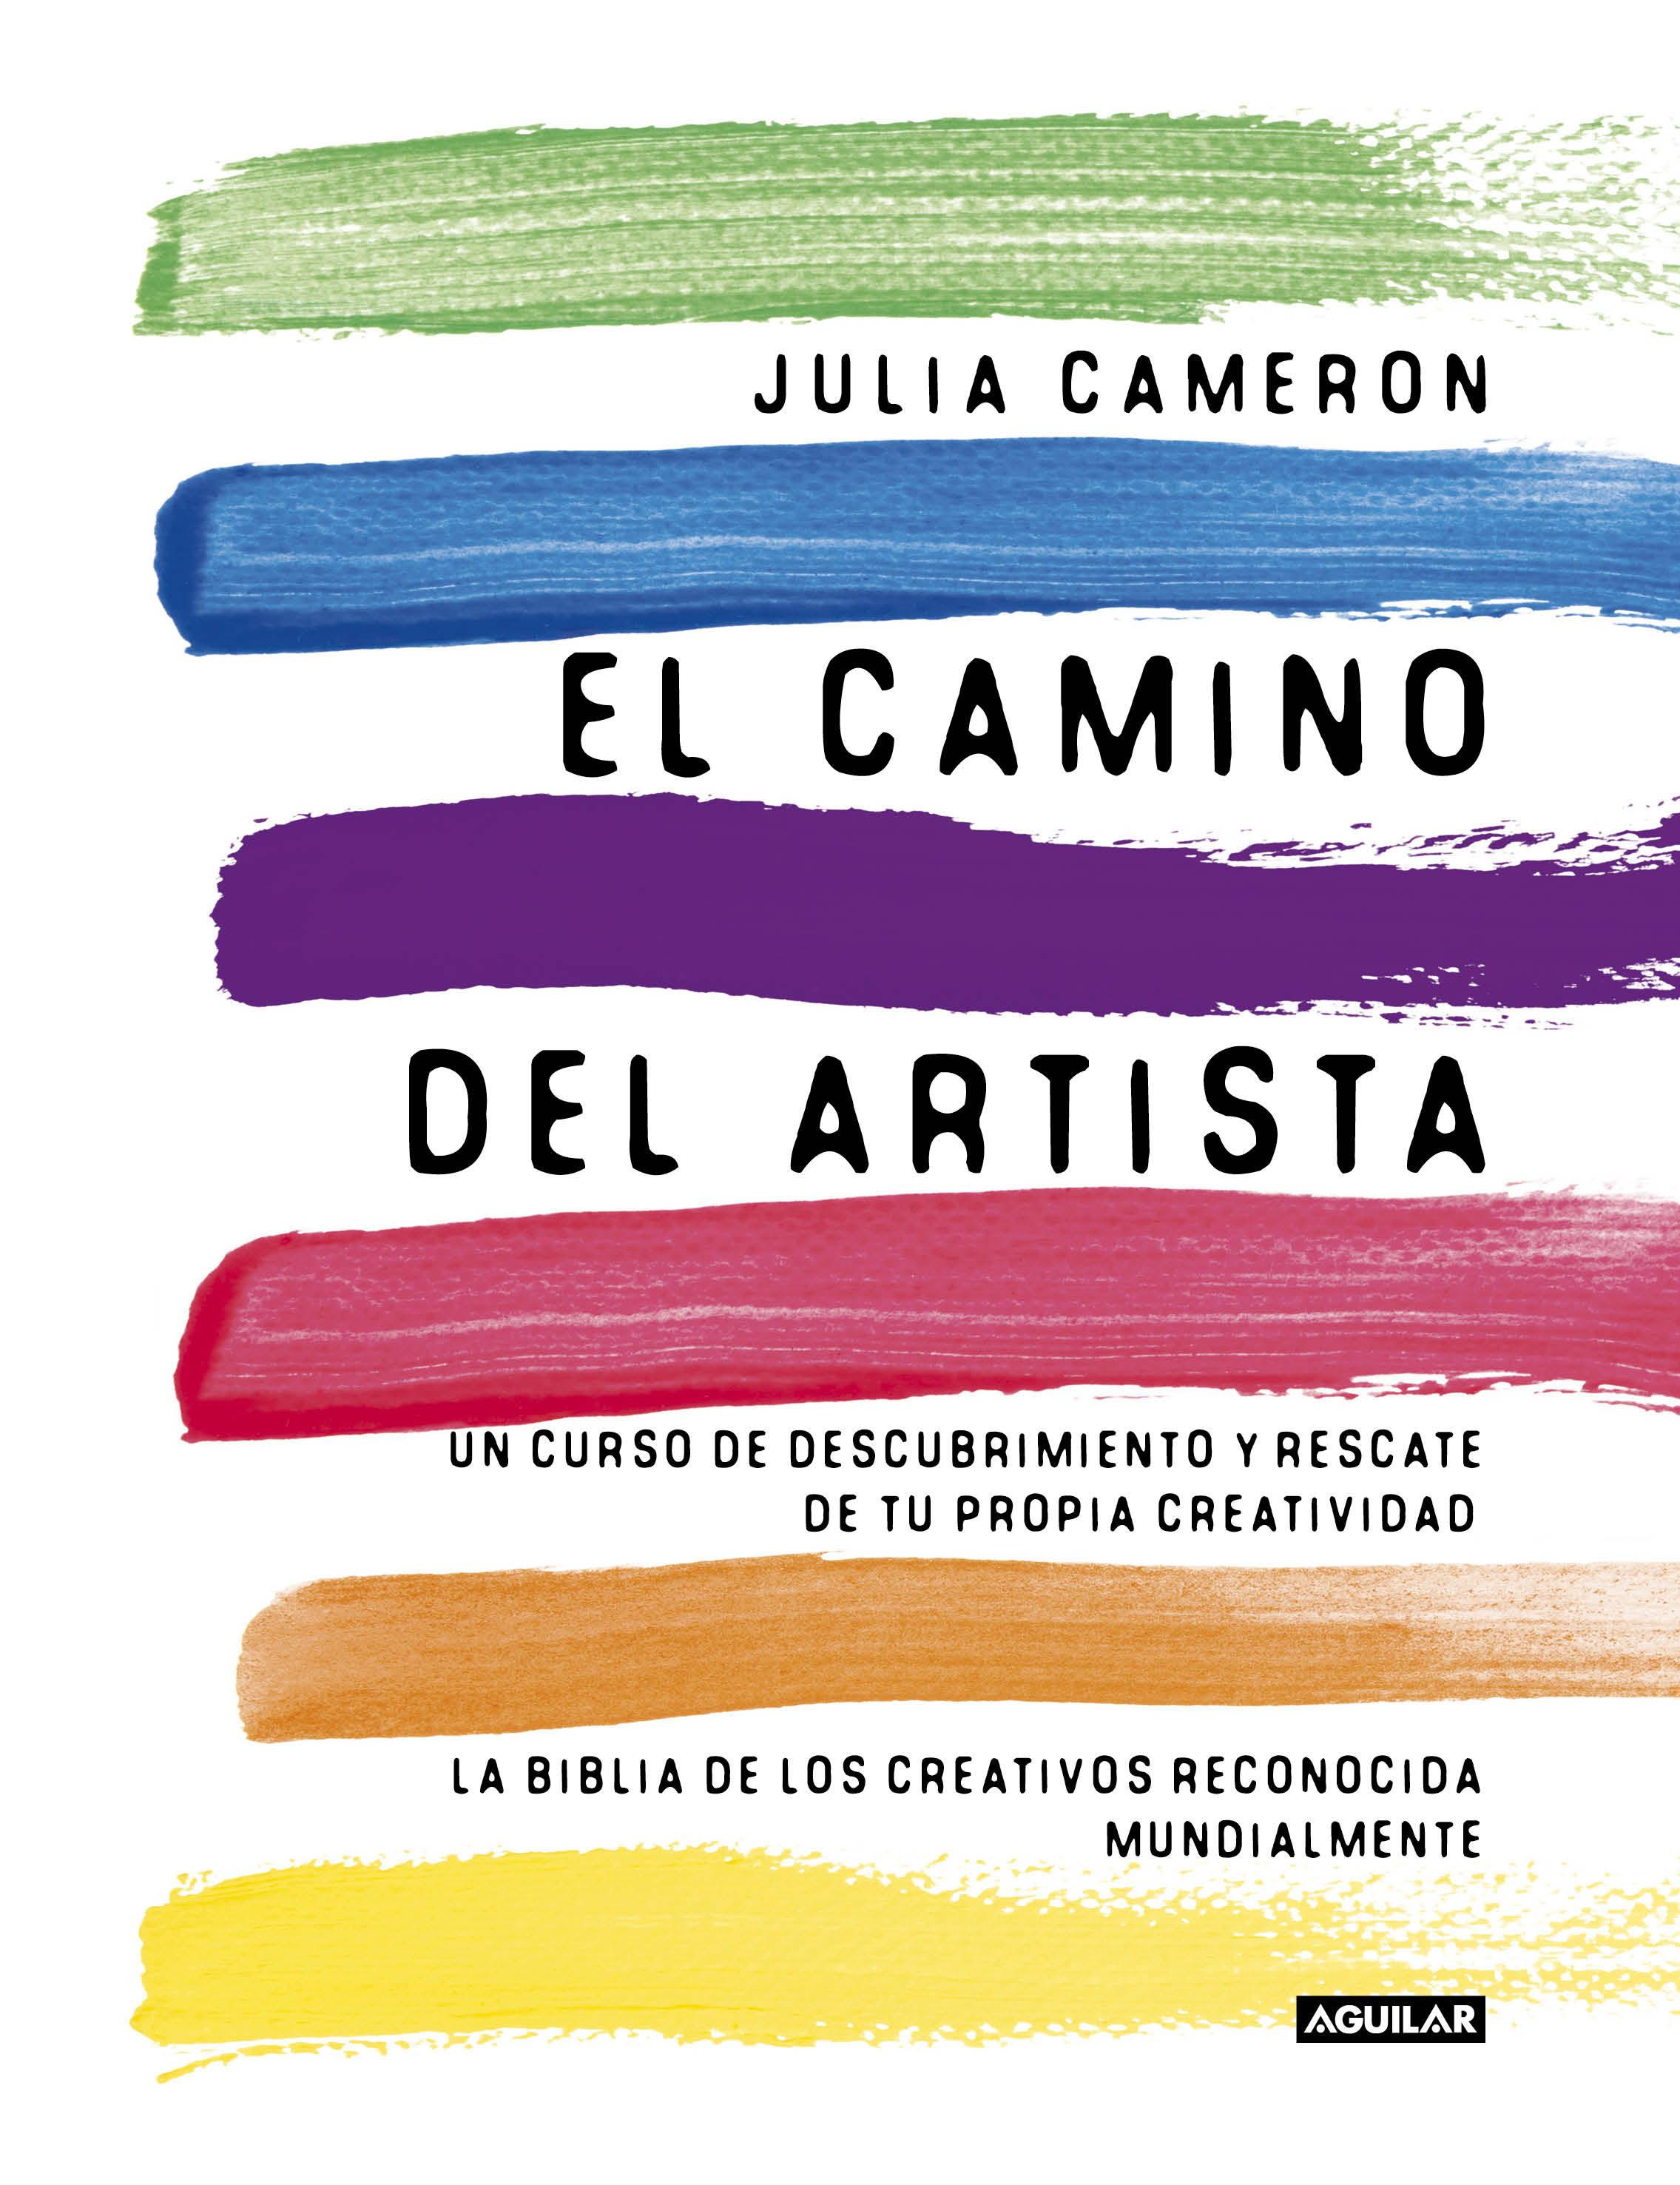 Resultado de imagen para el camino del artista de julia cameron